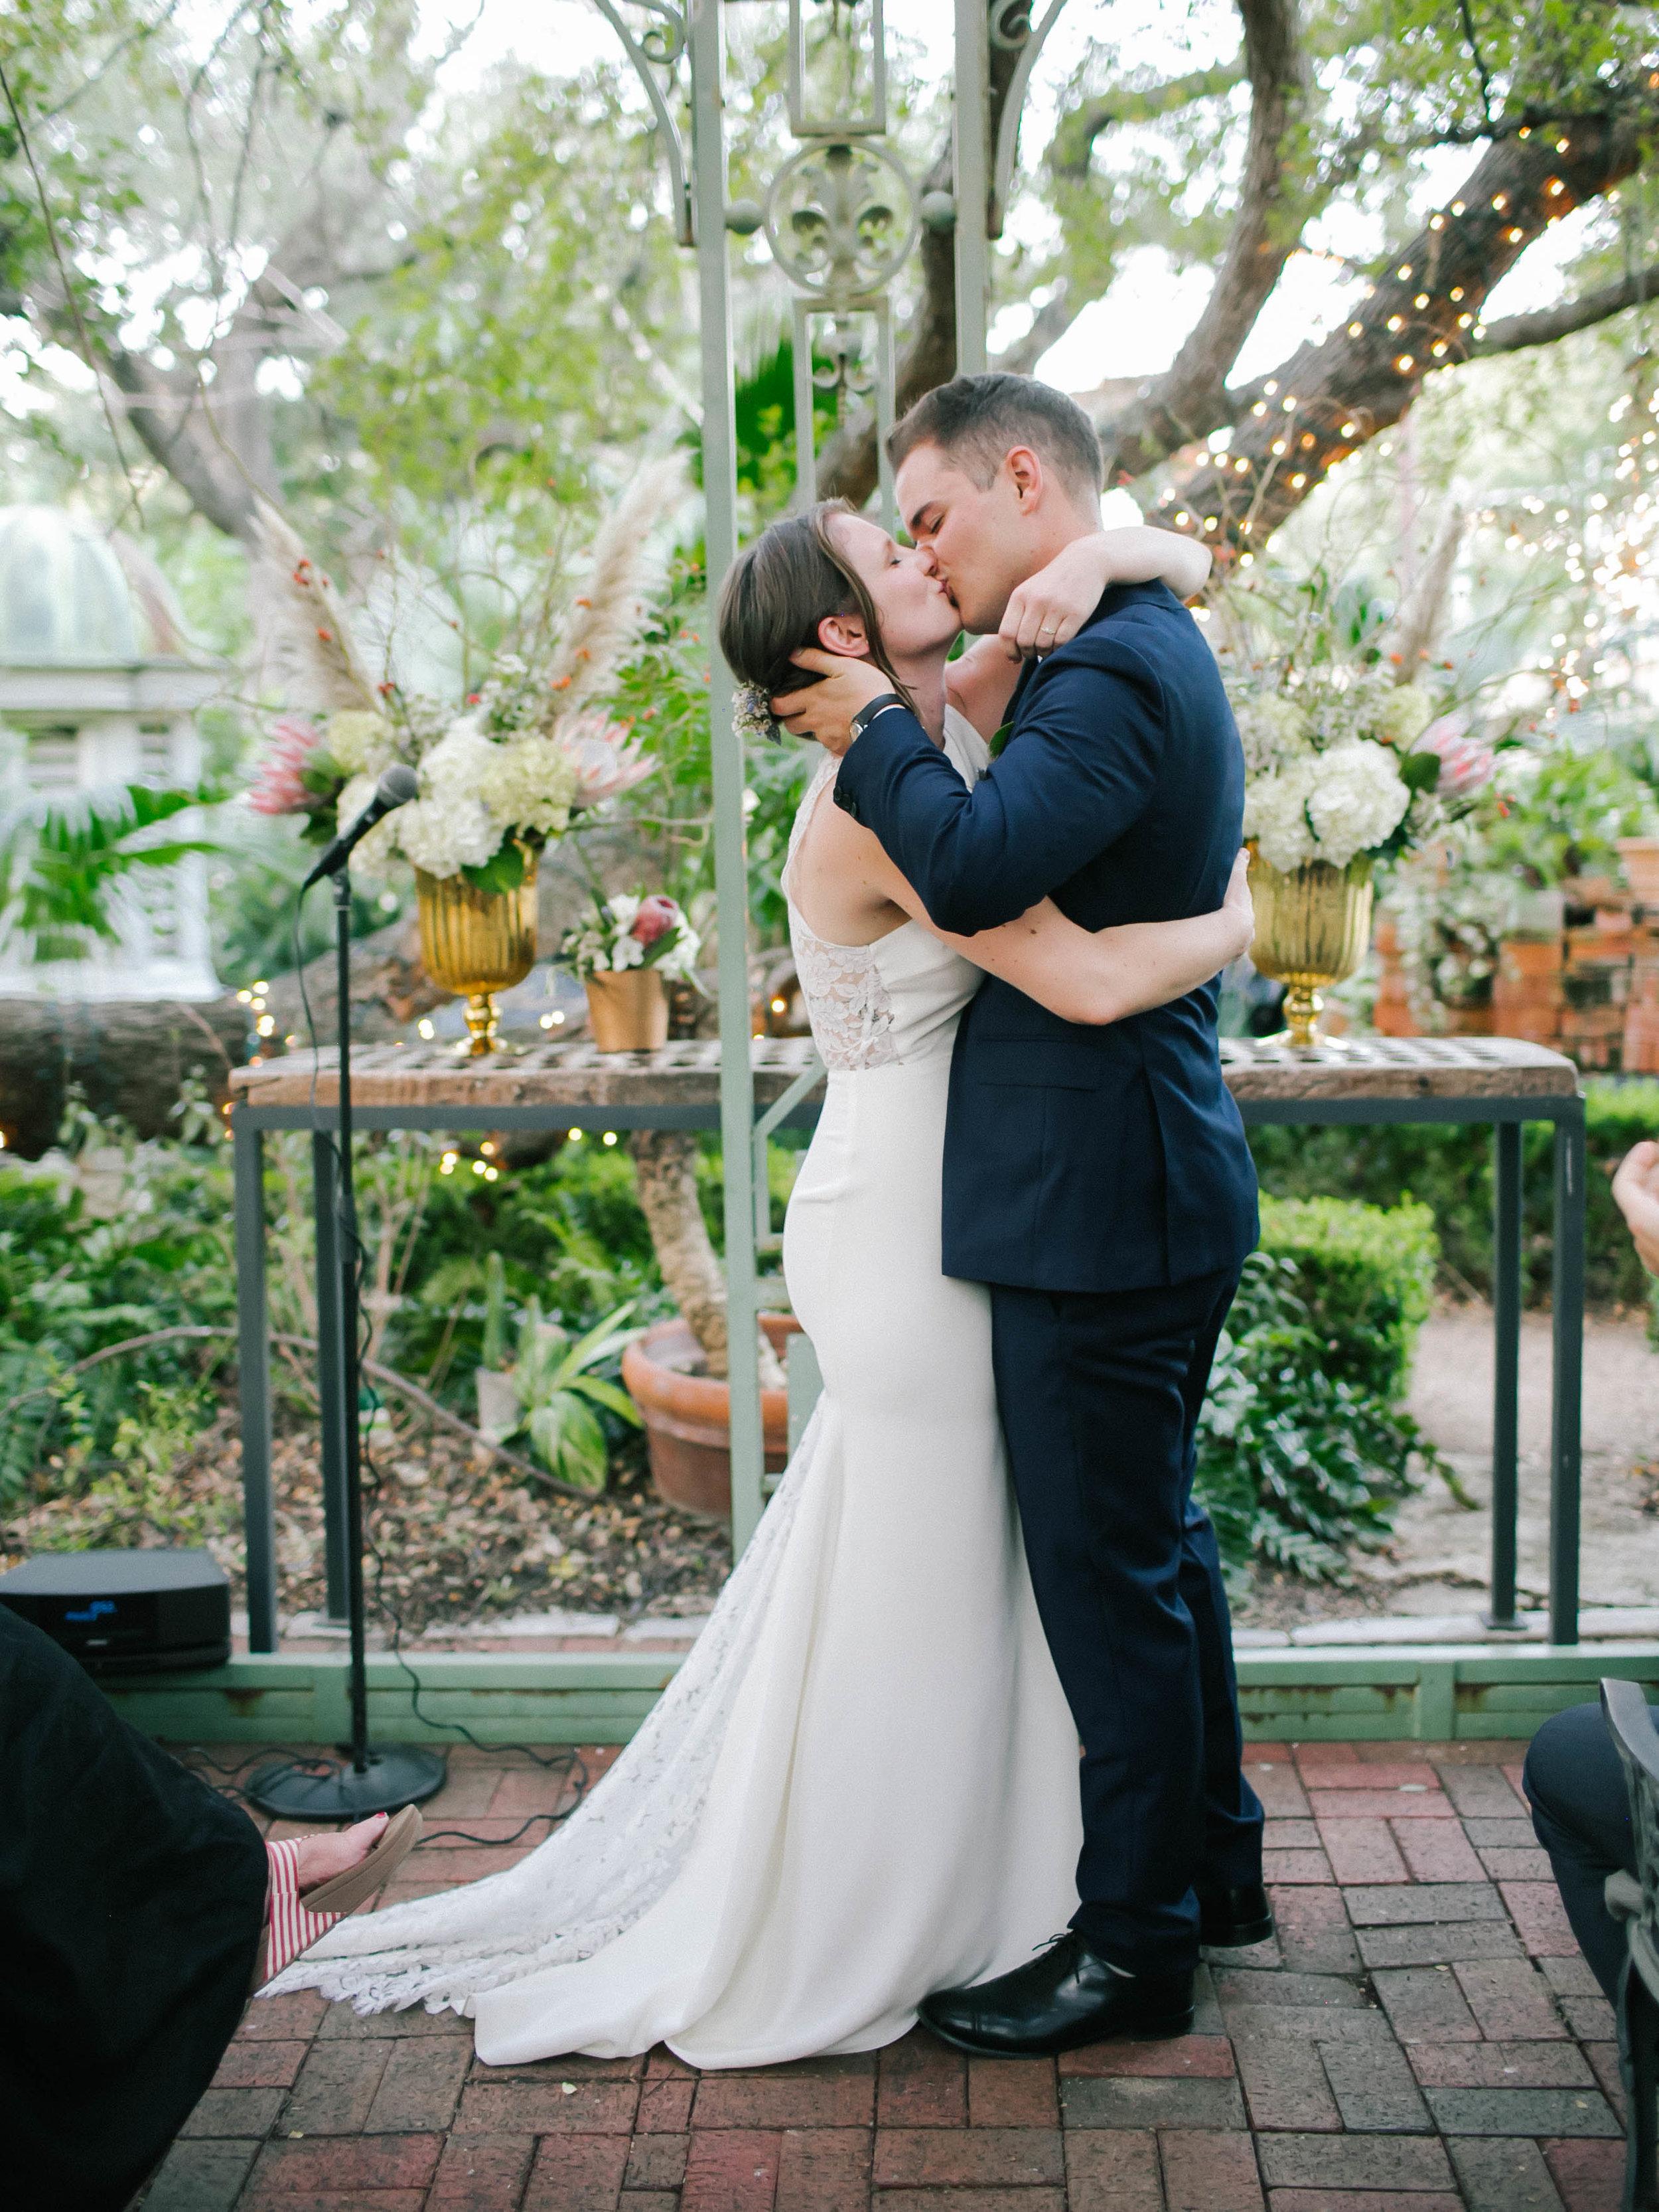 Alex-Kyrany-Wedding-Jennifers-Gardens-360.jpg